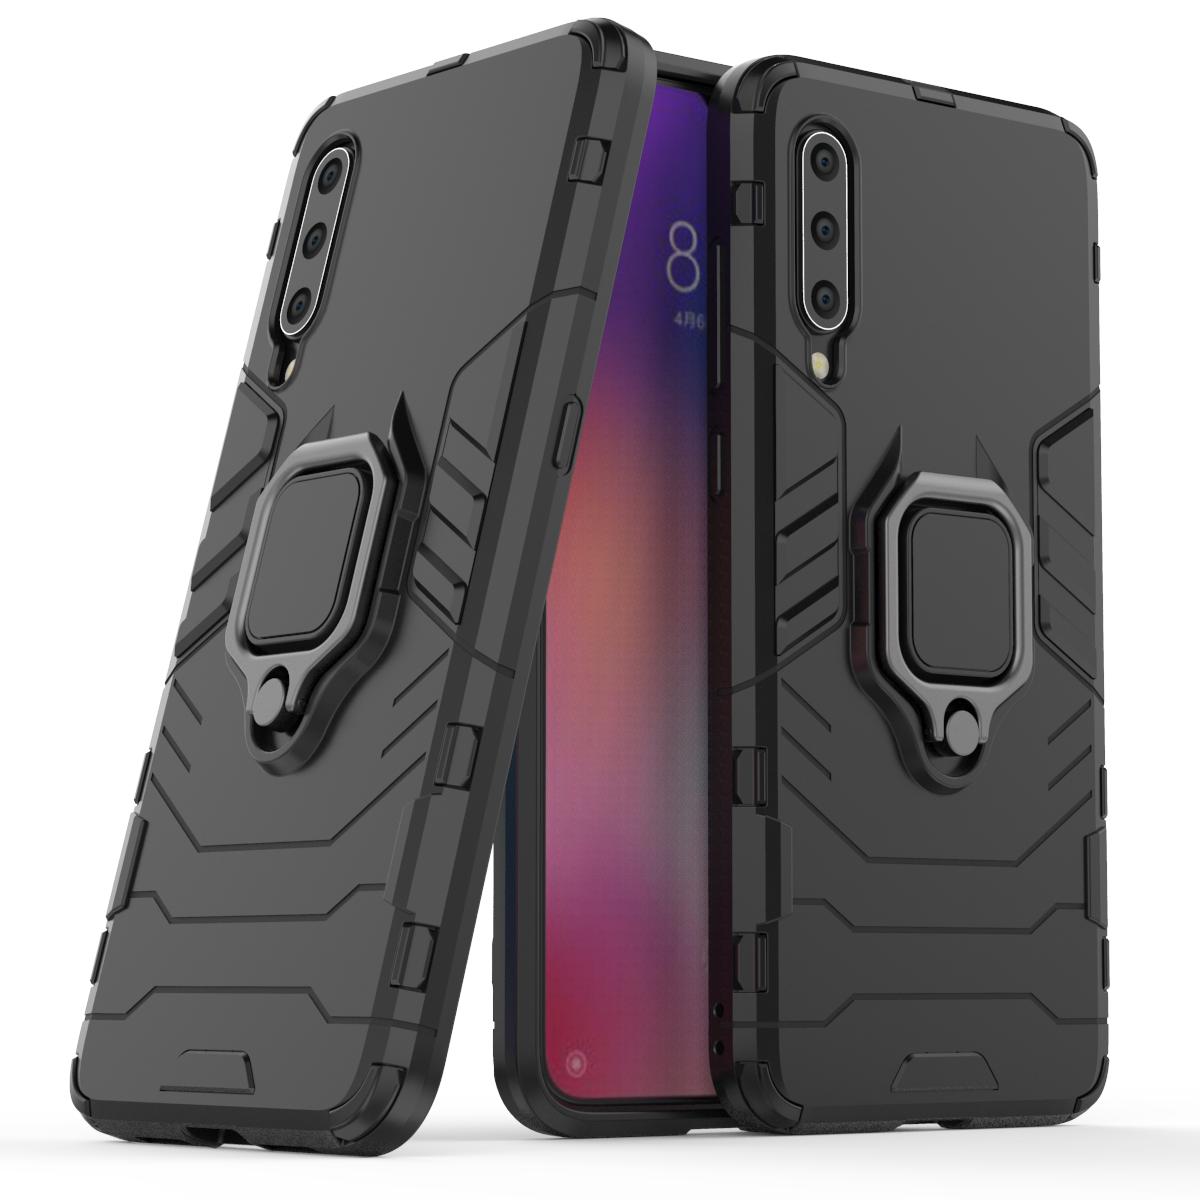 Bakeey Armor Soporte de tarjeta magnética a prueba de golpes Caso para Xiaomi Mi 9/Mi9 Edición transparente